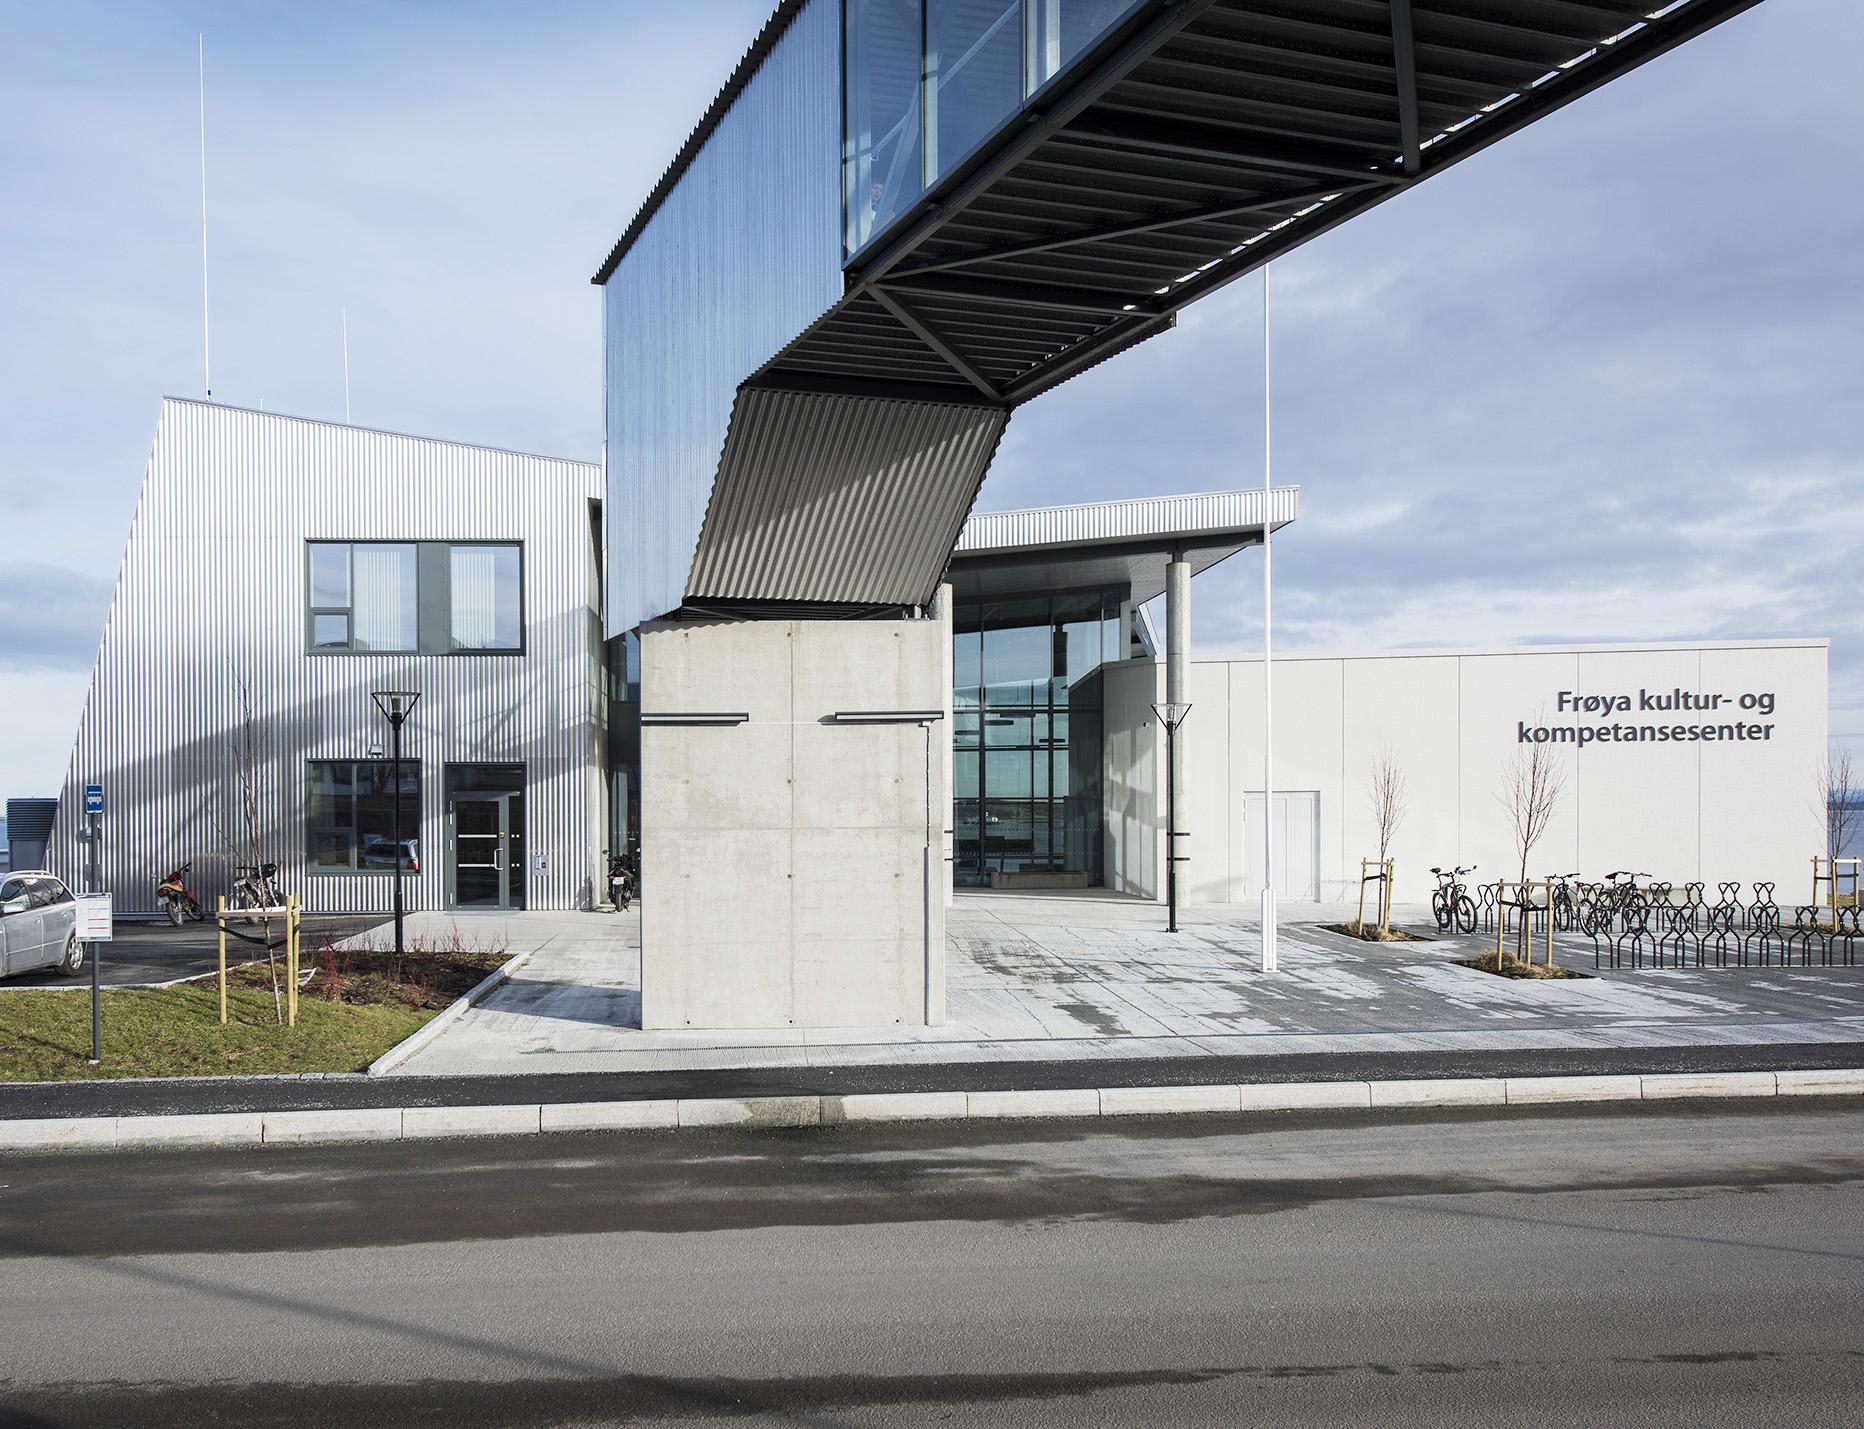 Foto Frøya kultursenter